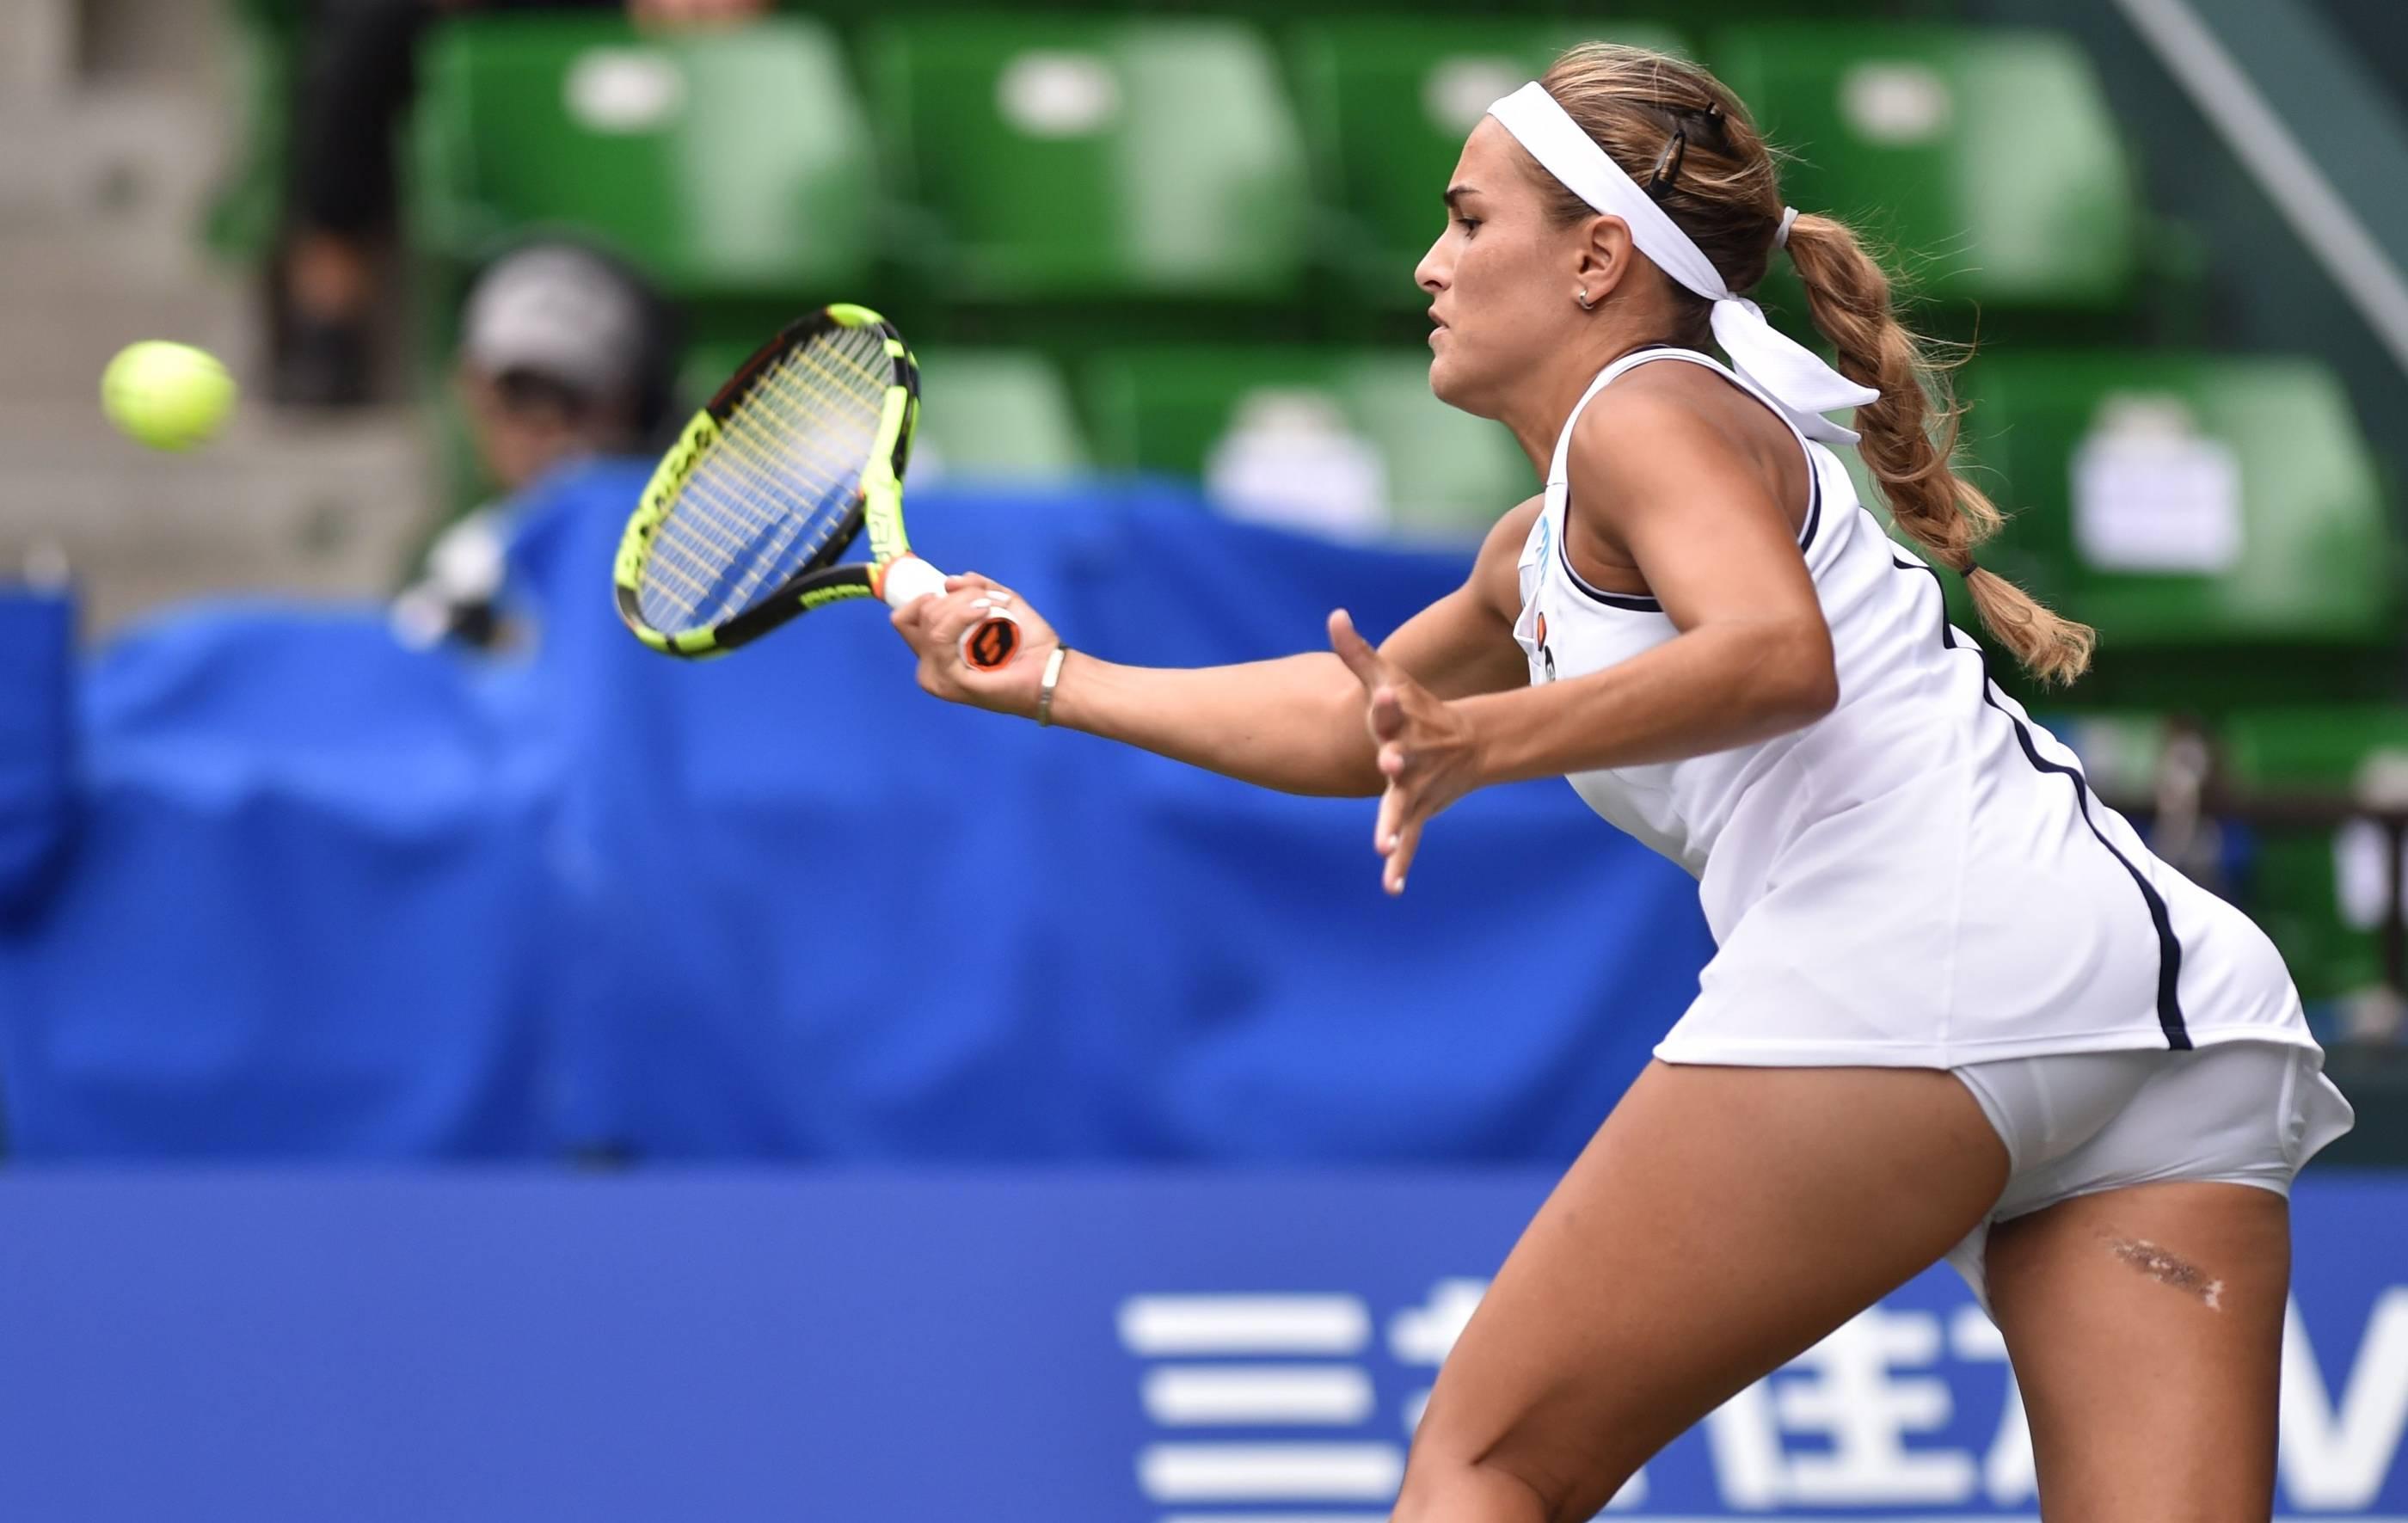 Die schönsten Tennisspielerinnen